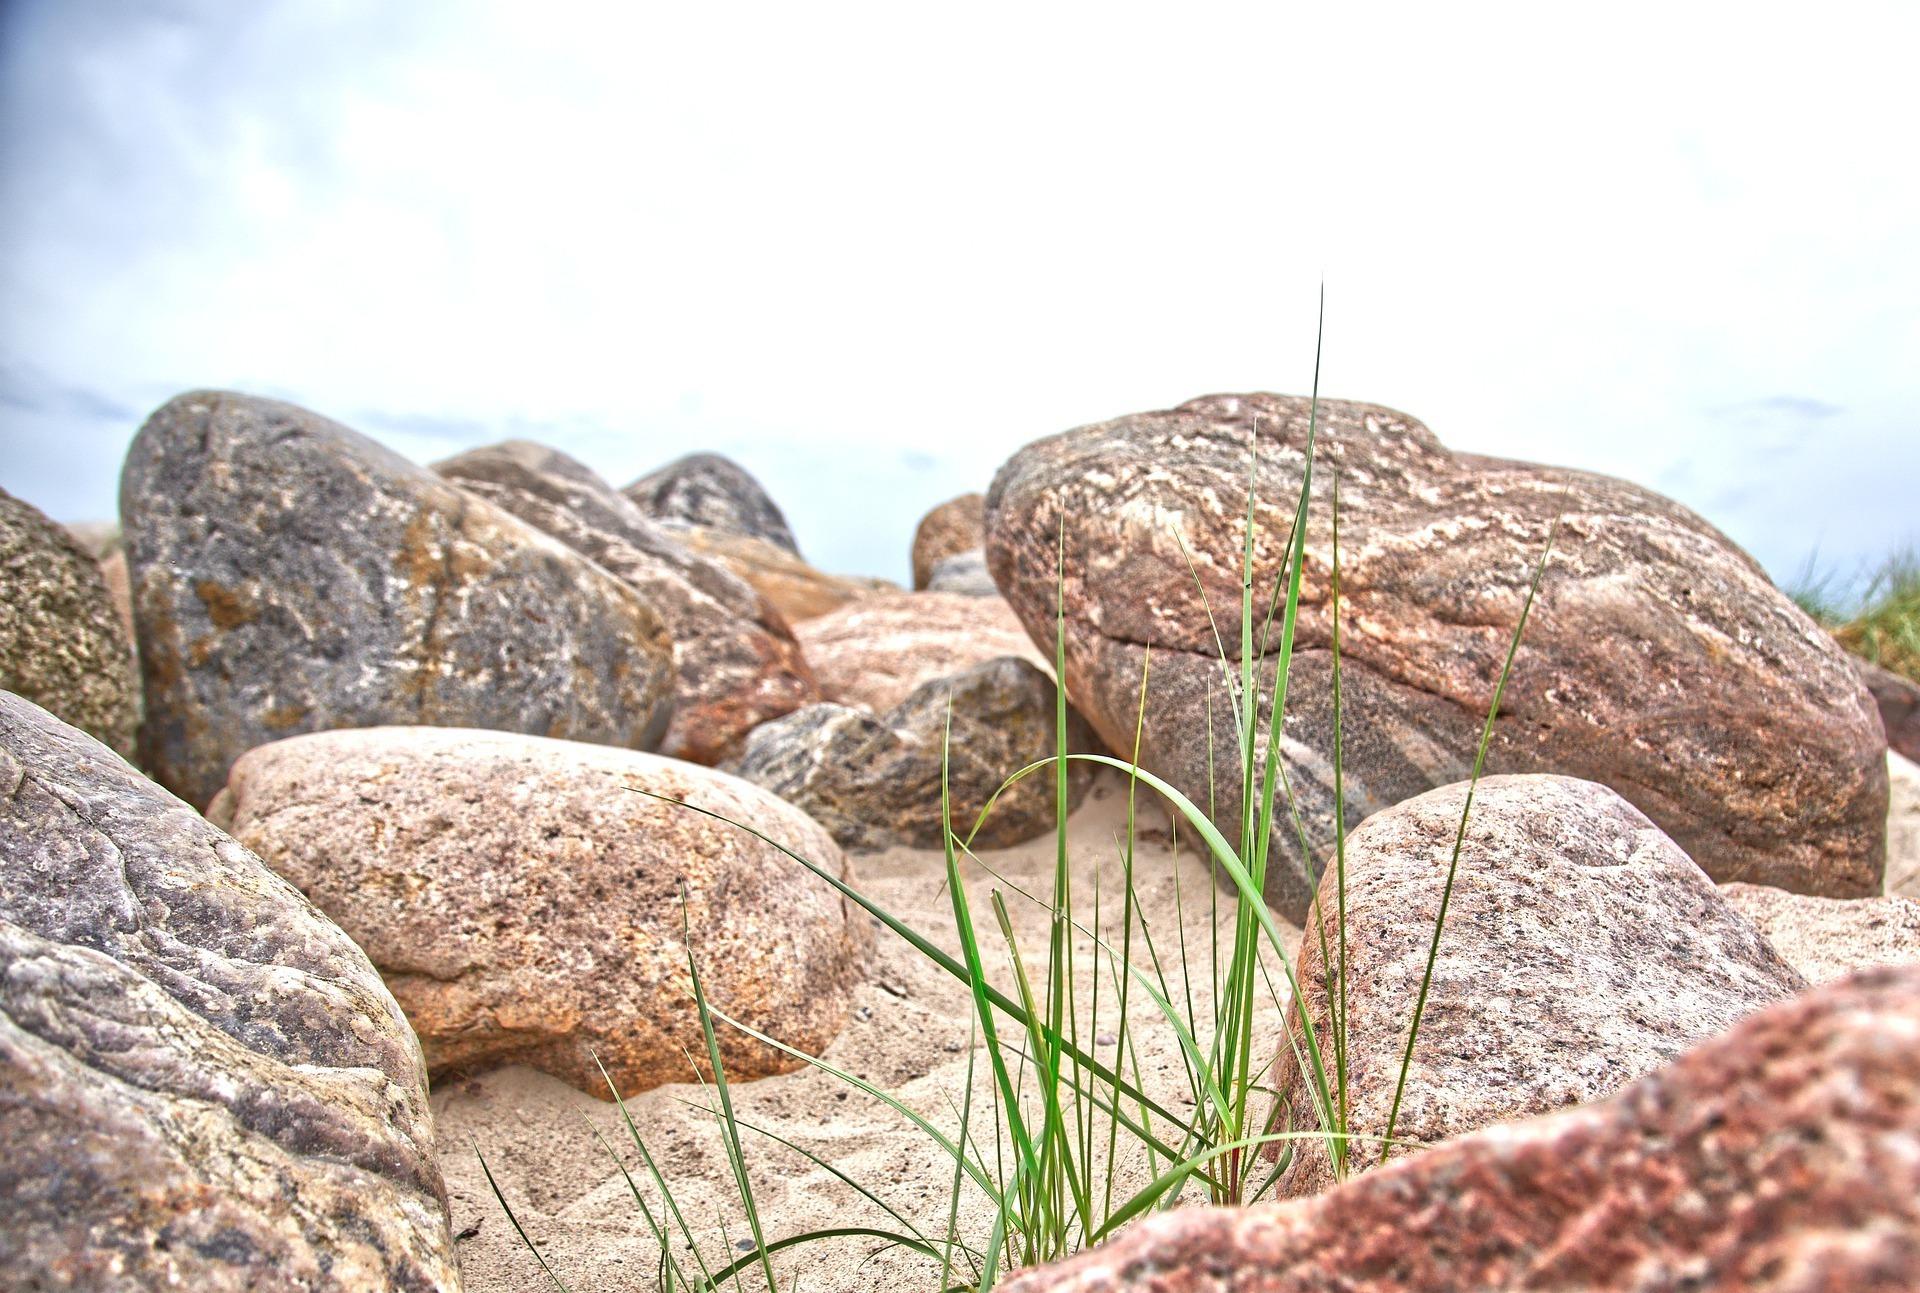 rocks-5428868_1920